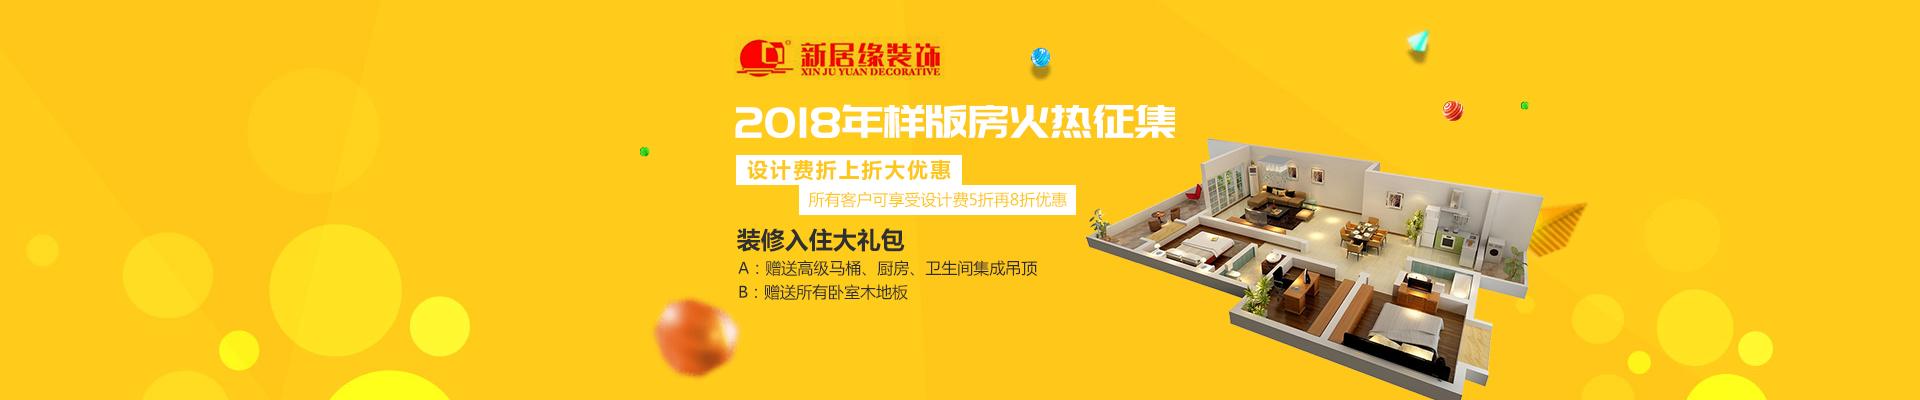 惠州市新居缘装饰设计有限公司赣州分公司